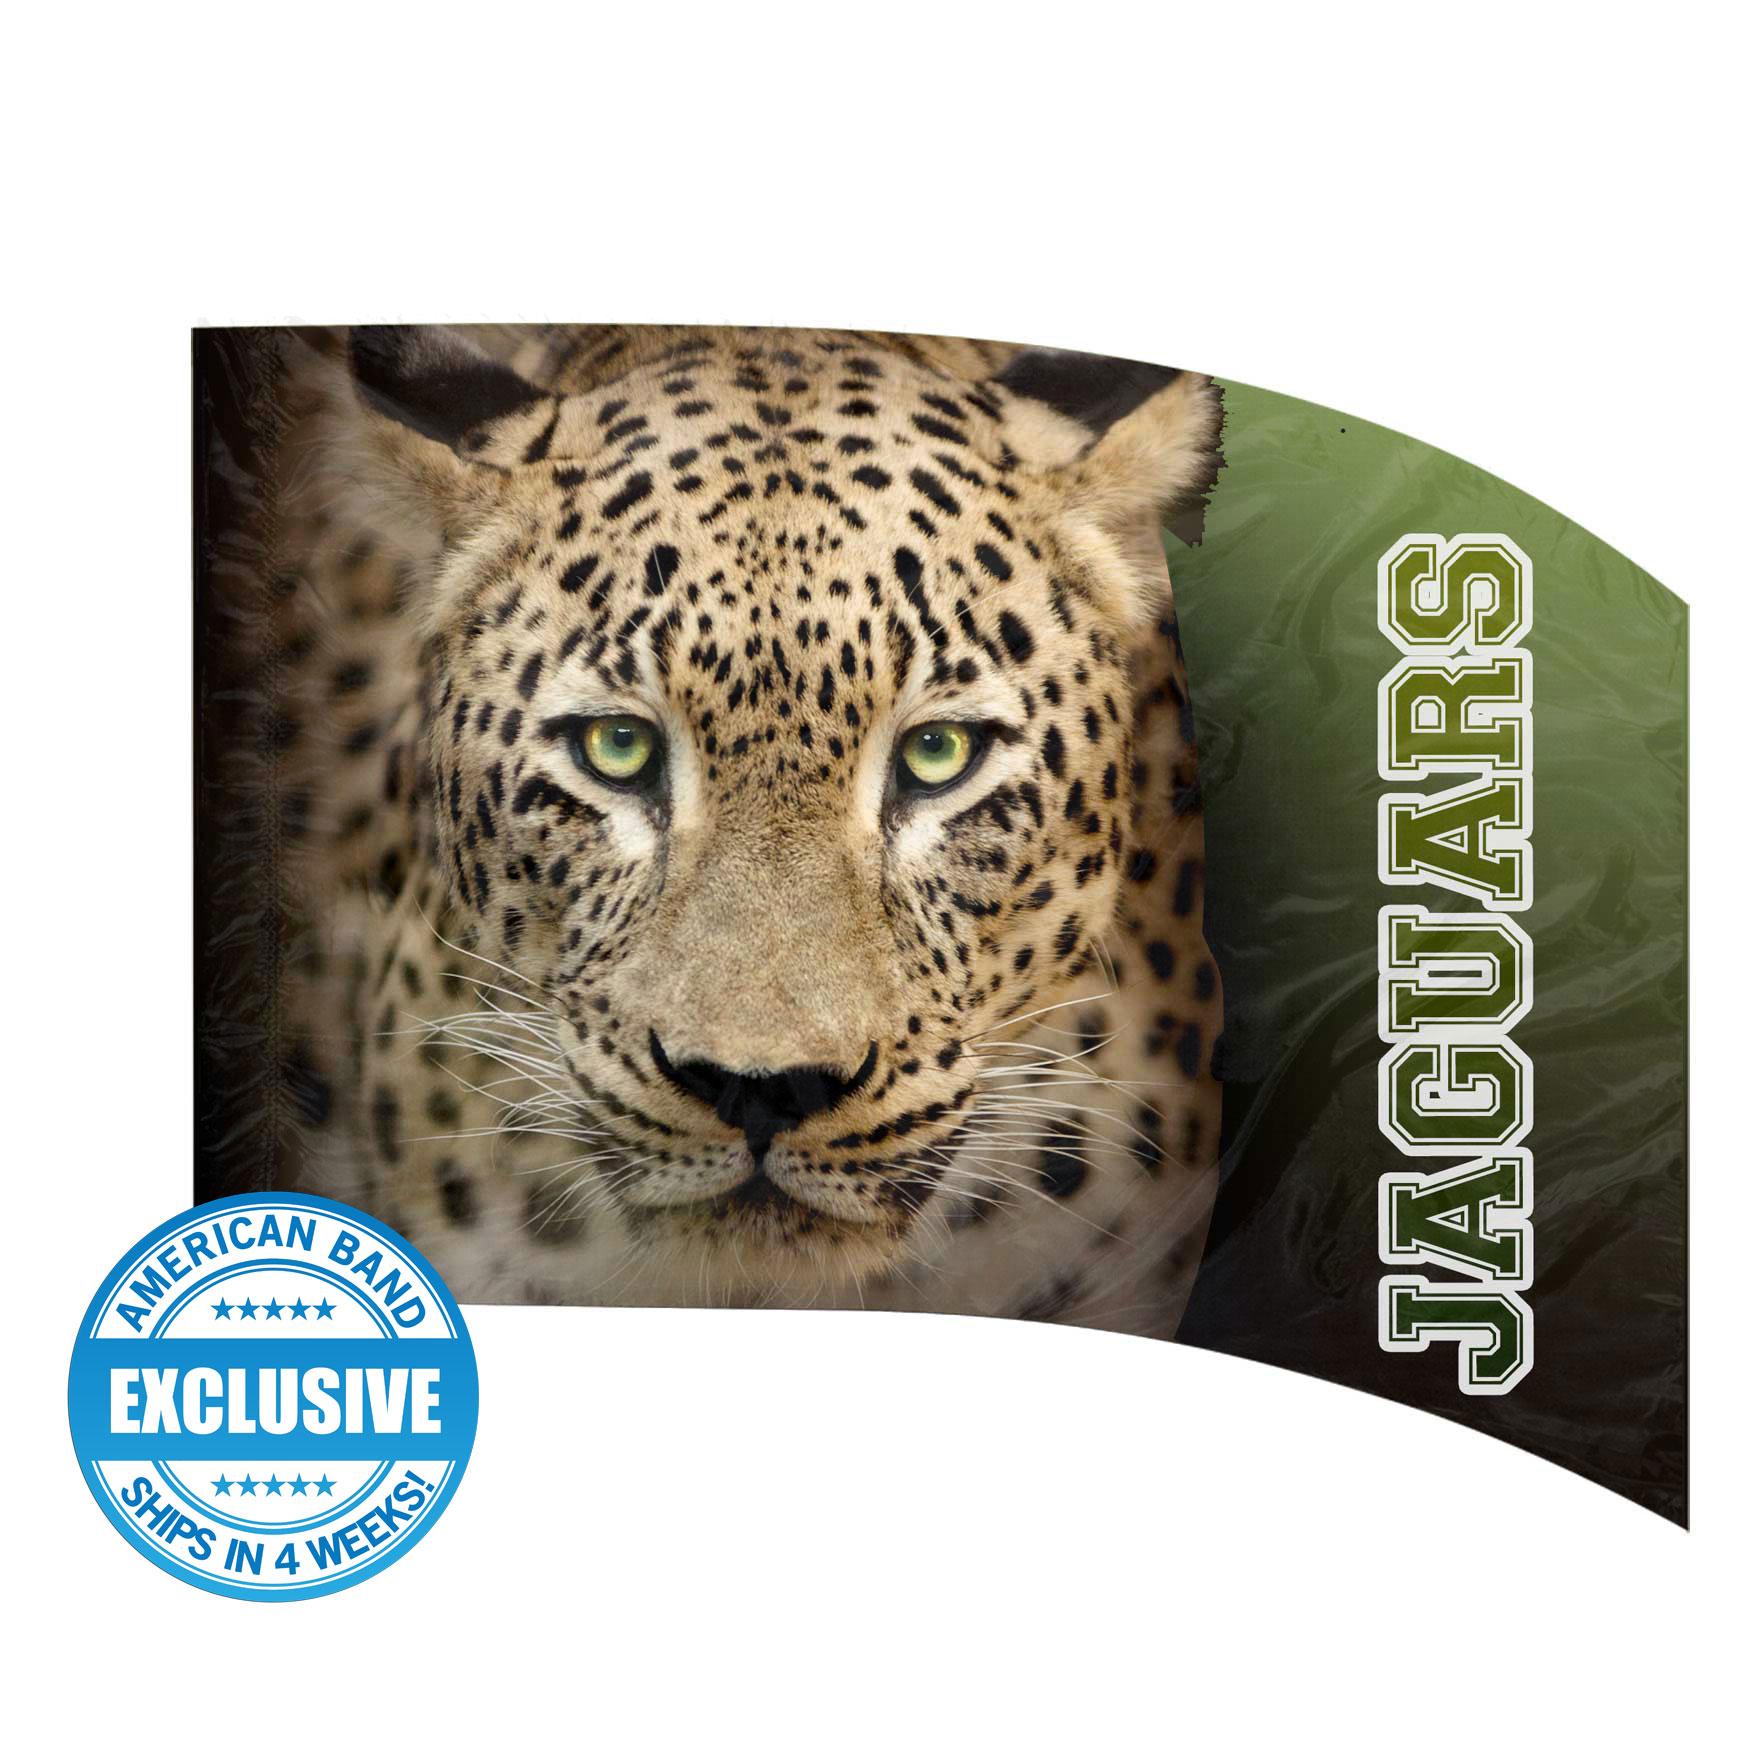 Made-to-Order Digital Mascot Flags - Jaguar